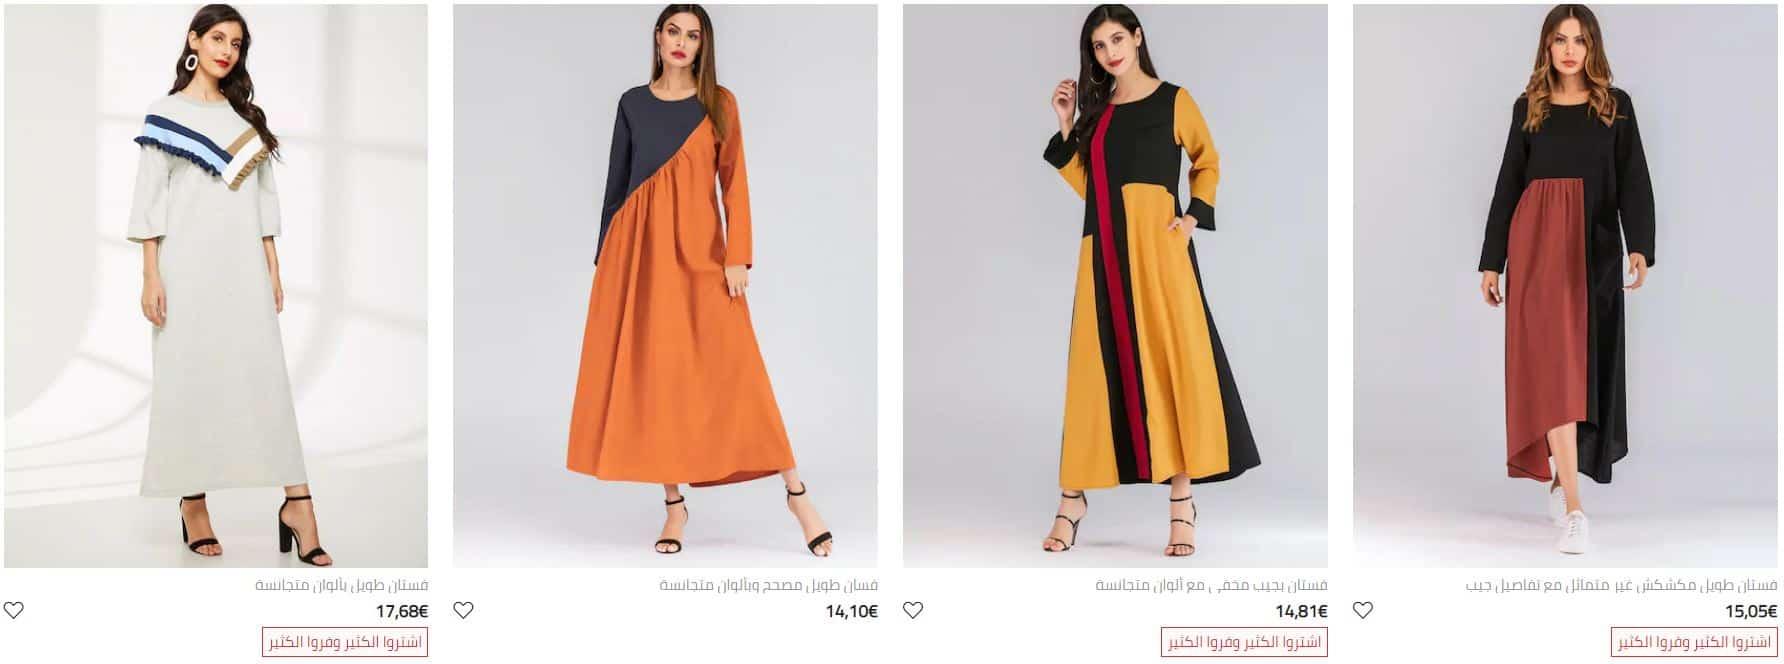 ملابس عربية فساتين طويلة